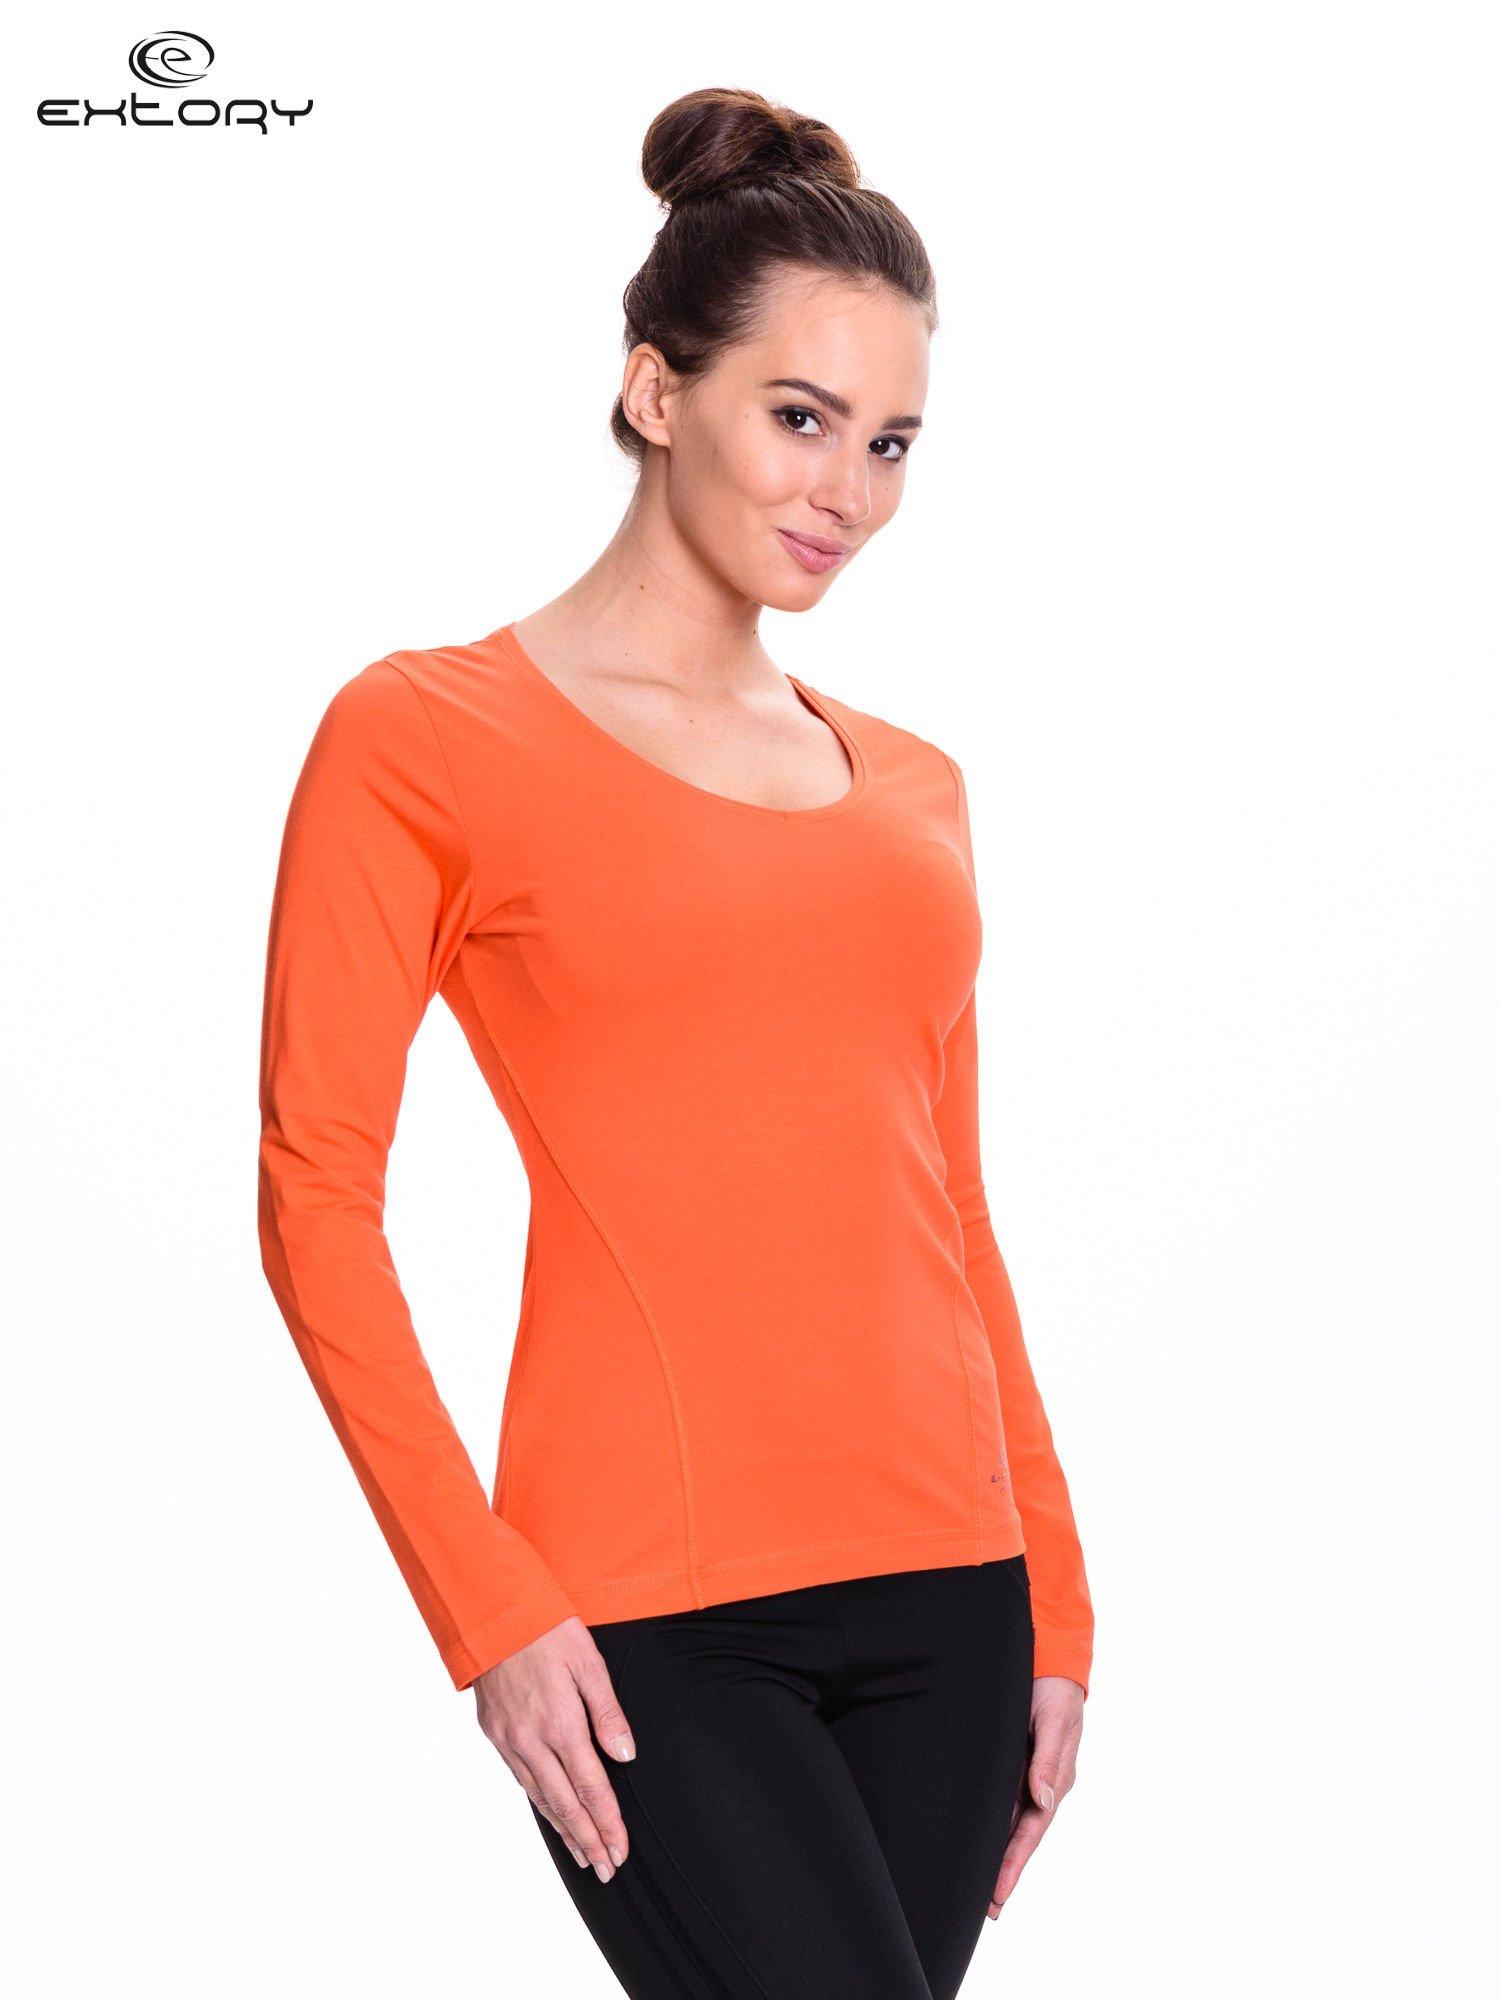 Pomarańczowa bluzka sportowa z dekoltem V                                  zdj.                                  3